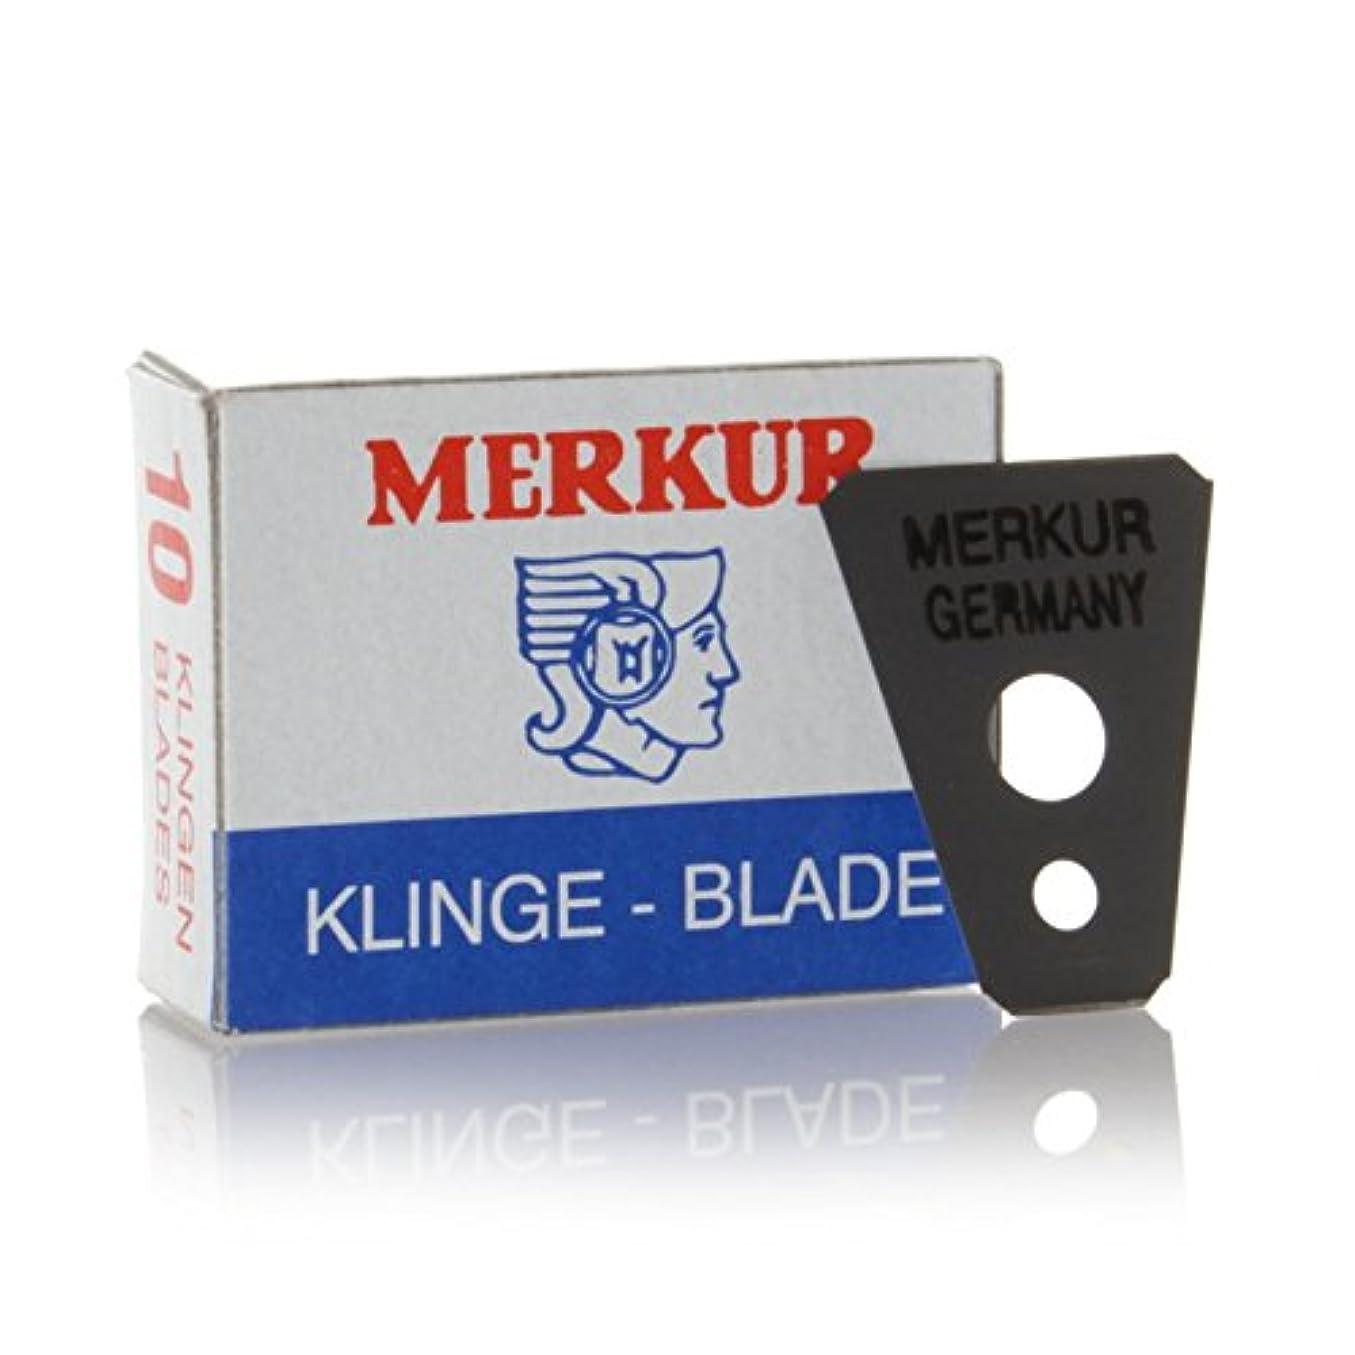 ラッチ繊毛セントMERKUR Solingen - Razor blades for moustache shaver, 10 pieces, 90908100